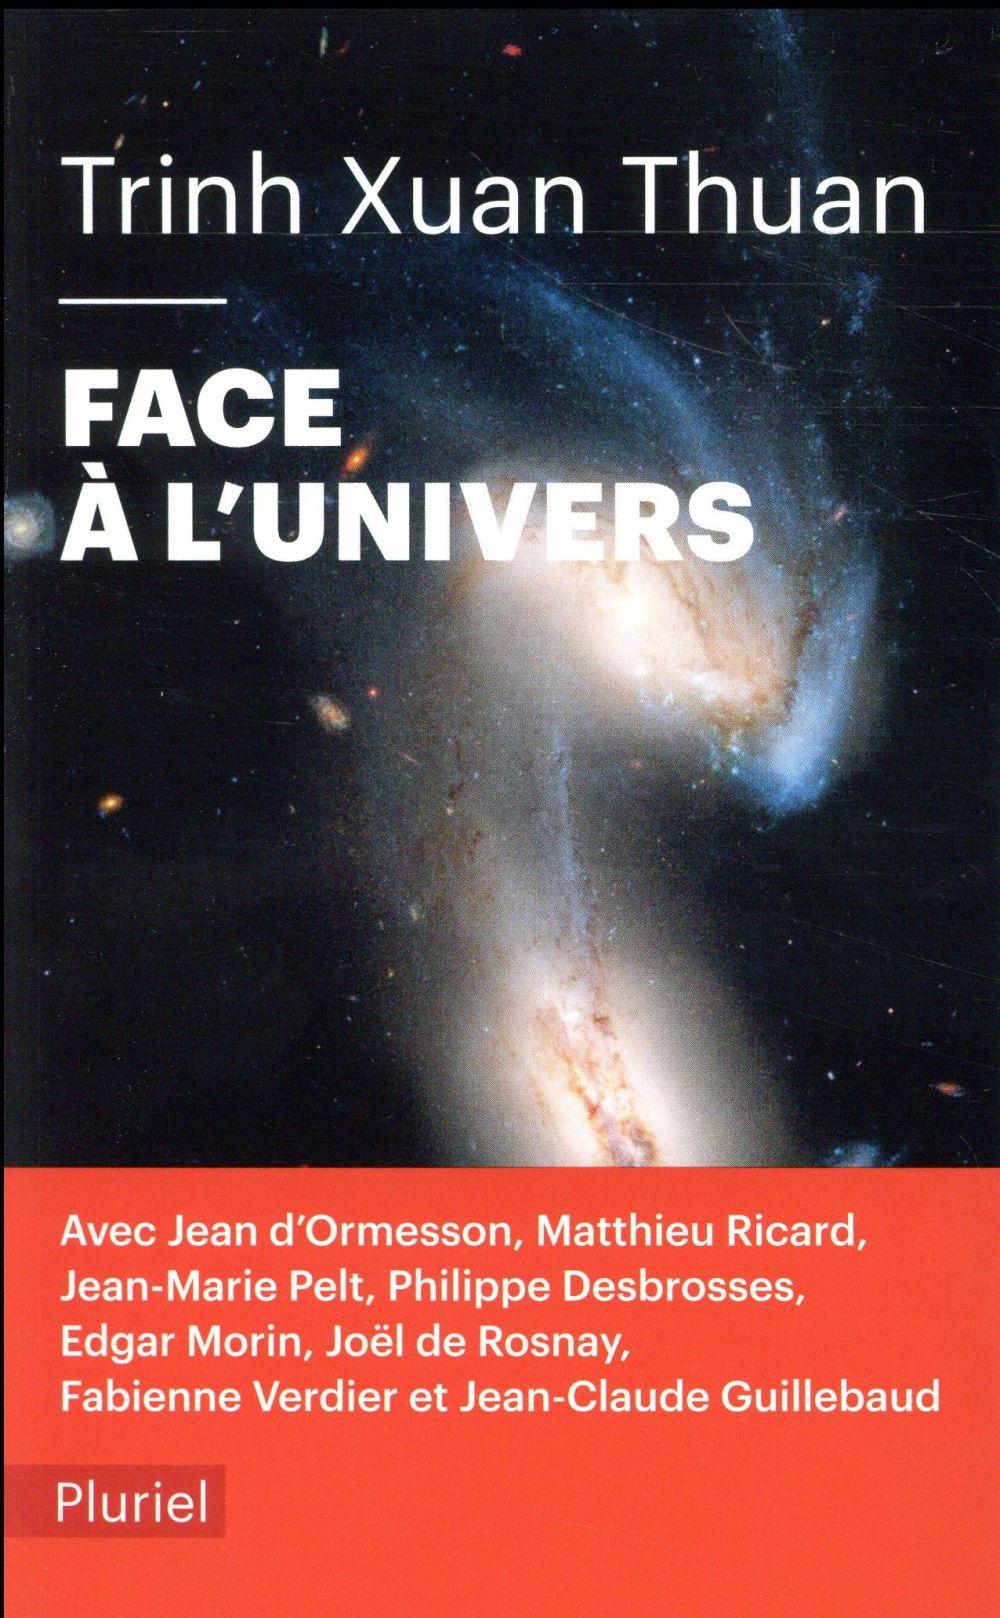 FACE A L'UNIVERS XUAN THUAN TRINH PLURIEL